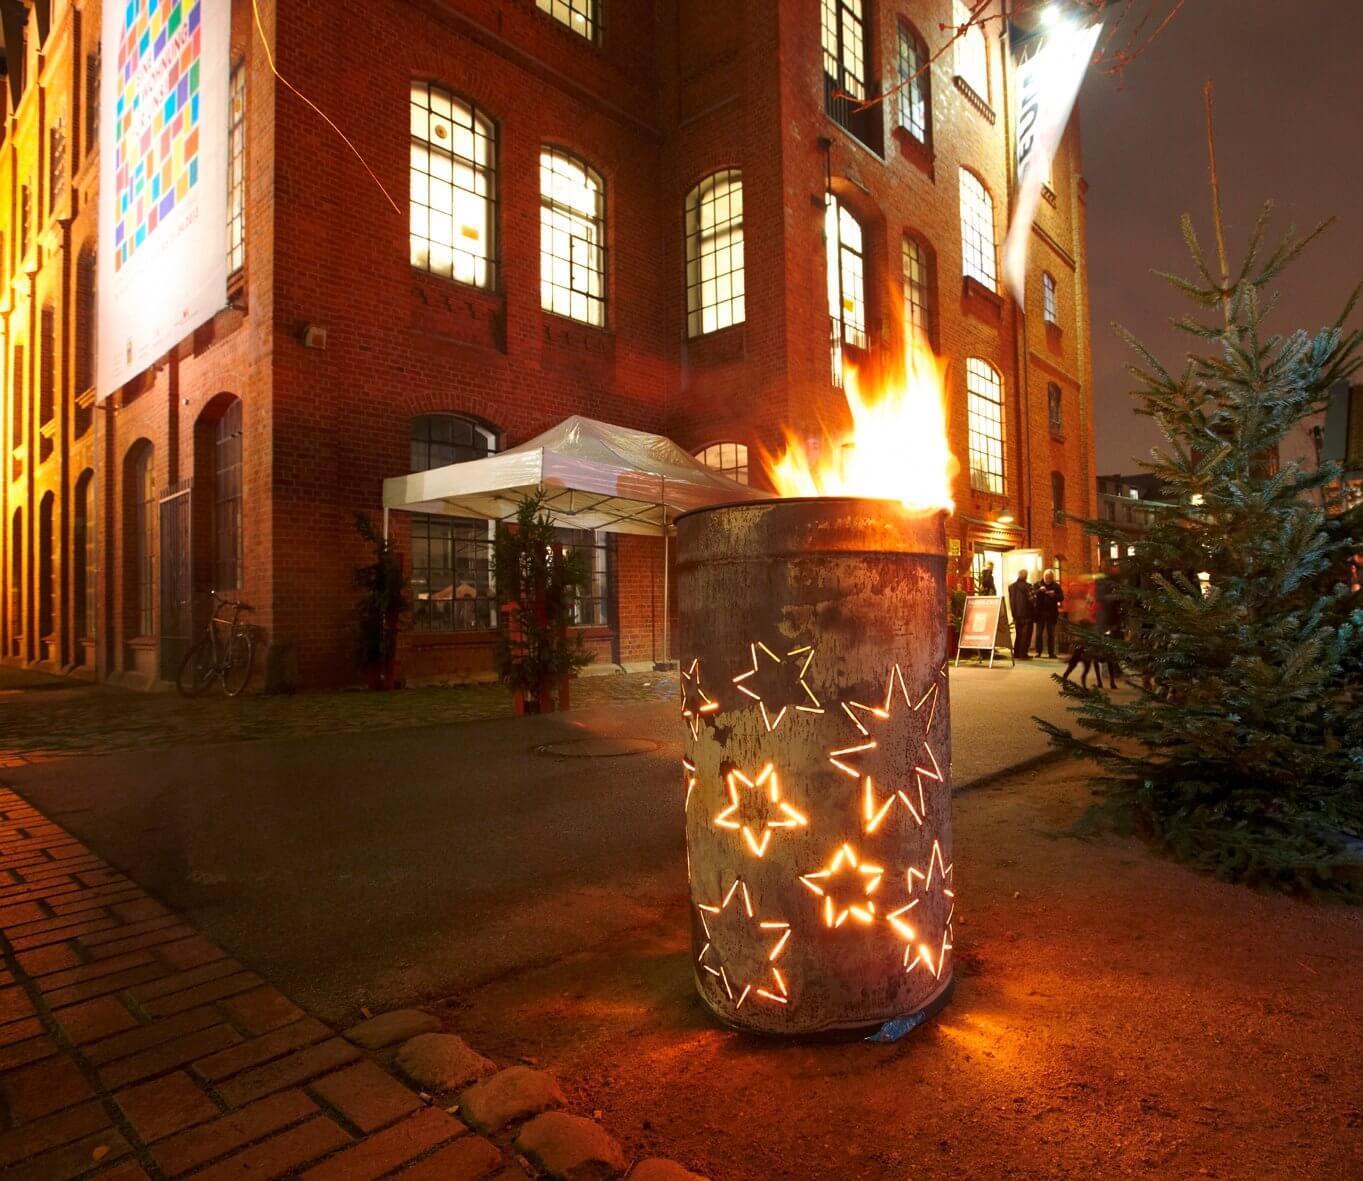 Weihnachtsmarkt Heiligabend.Weihnachten Geht Auch Entstresst Umweltfreundlich Und Nachhaltig